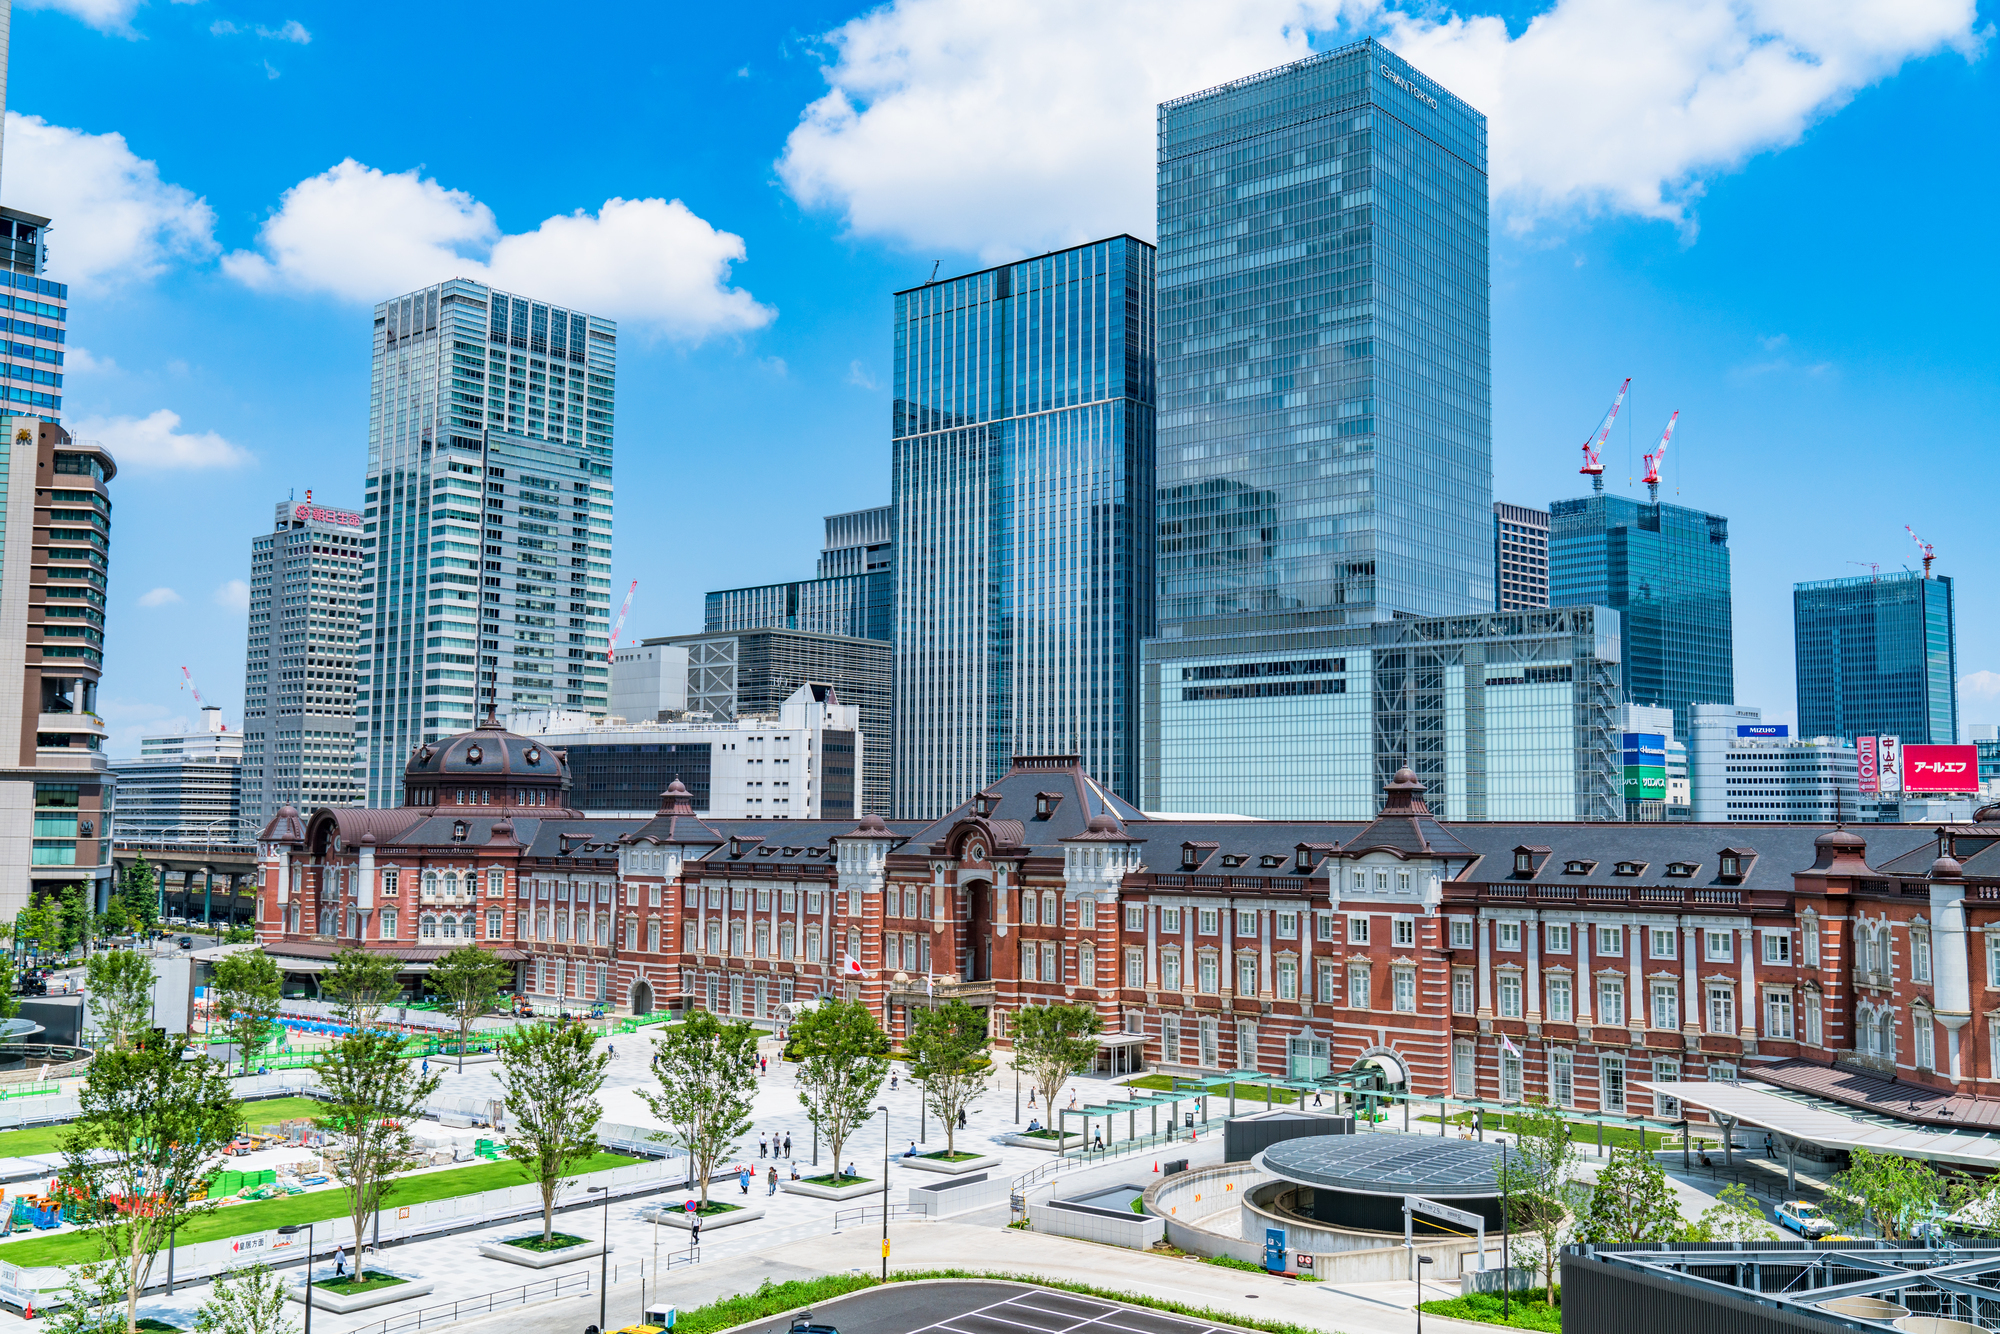 木曜に通院したい方へ!東京駅の歯医者さん、おすすめポイント紹介